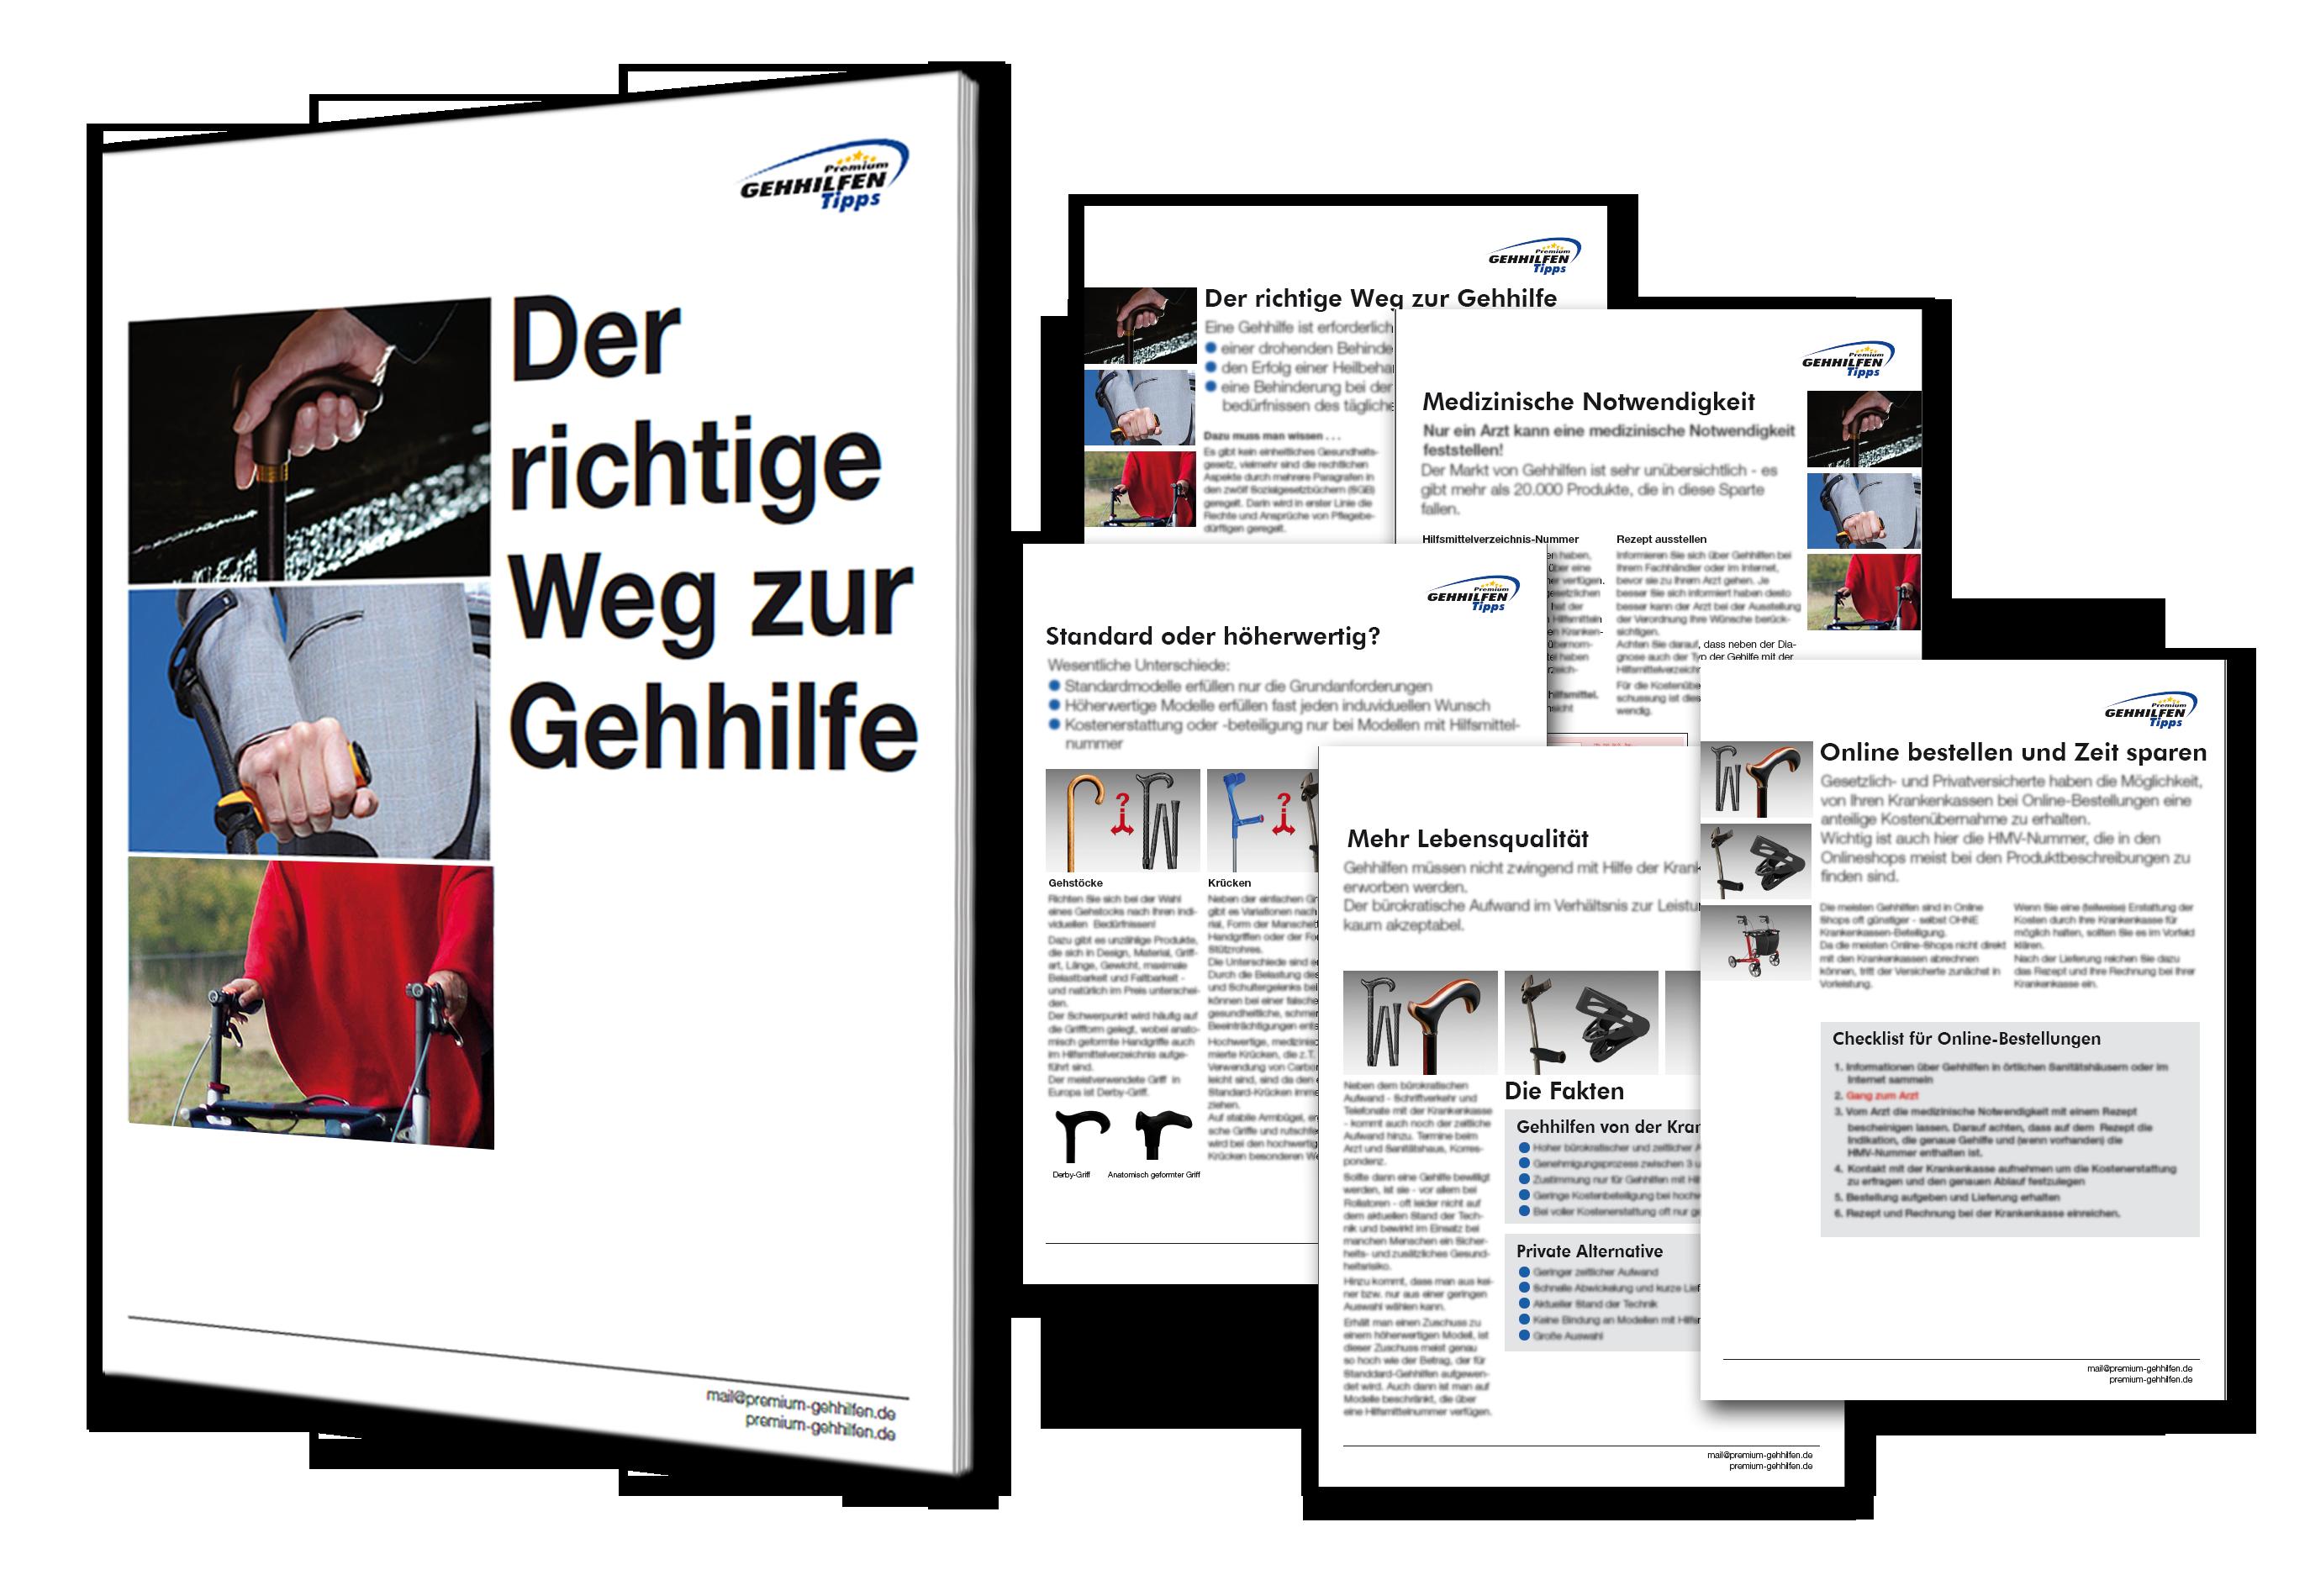 Broschüre Tipps Gehilfe